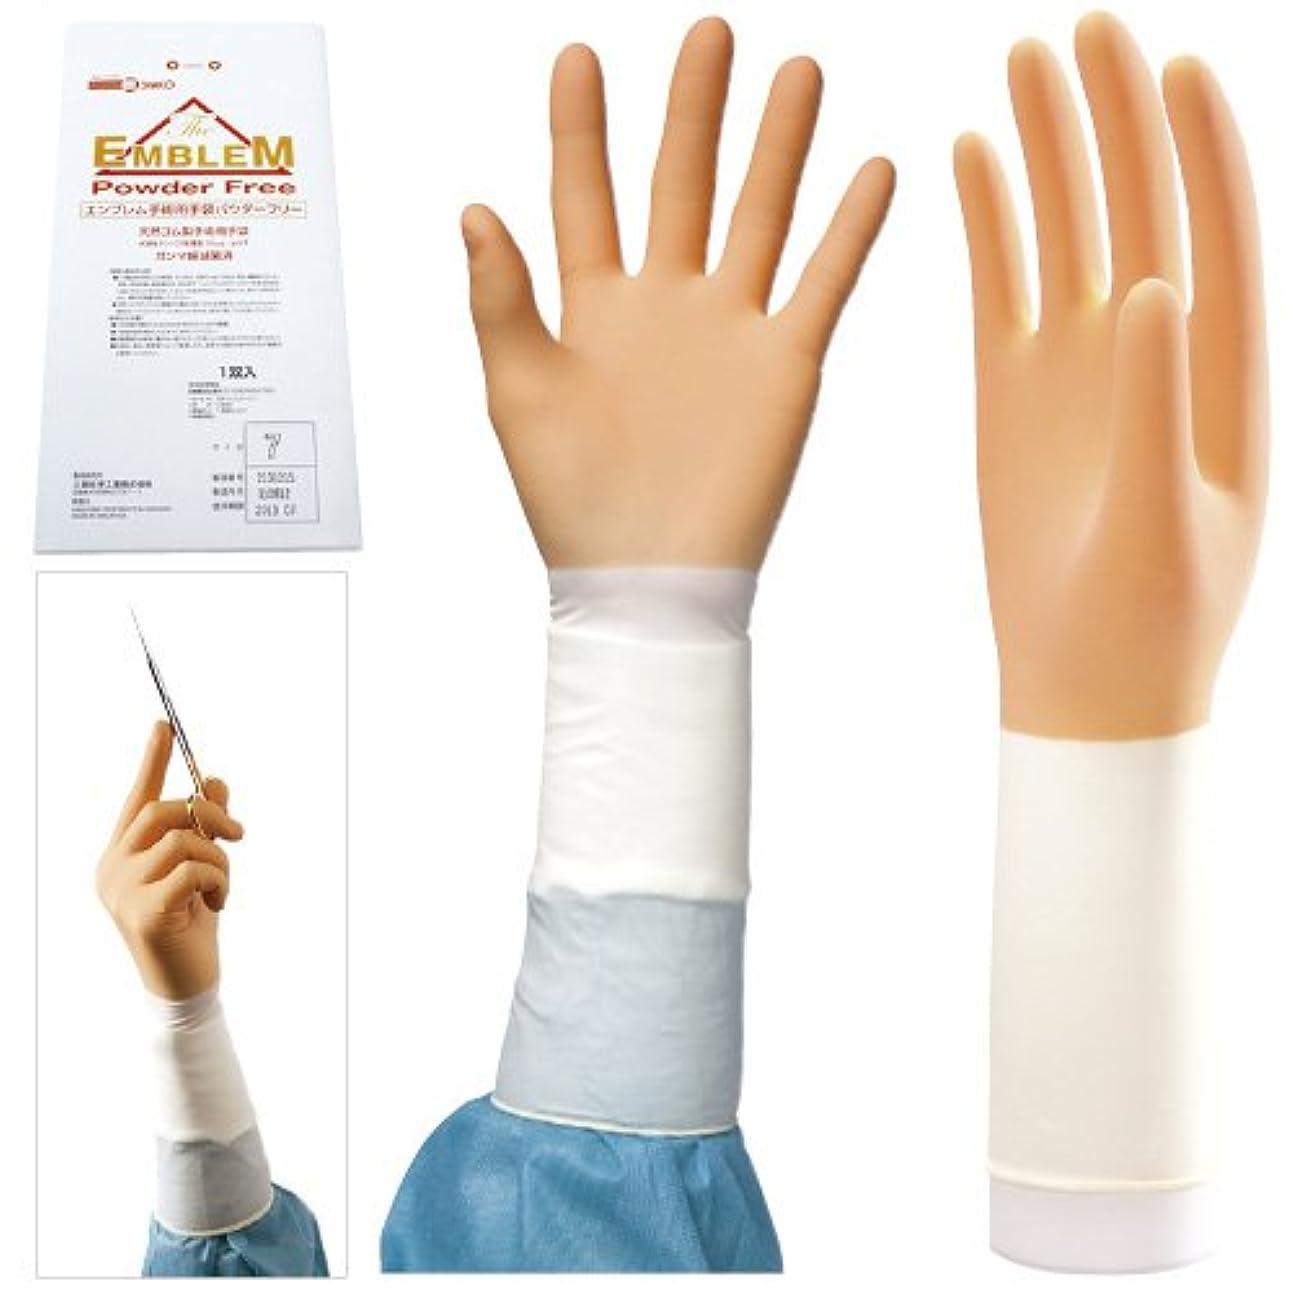 露出度の高いと遊ぶロッカーエンブレム手術用手袋 パウダーフリー NEW(20双入) 5.5